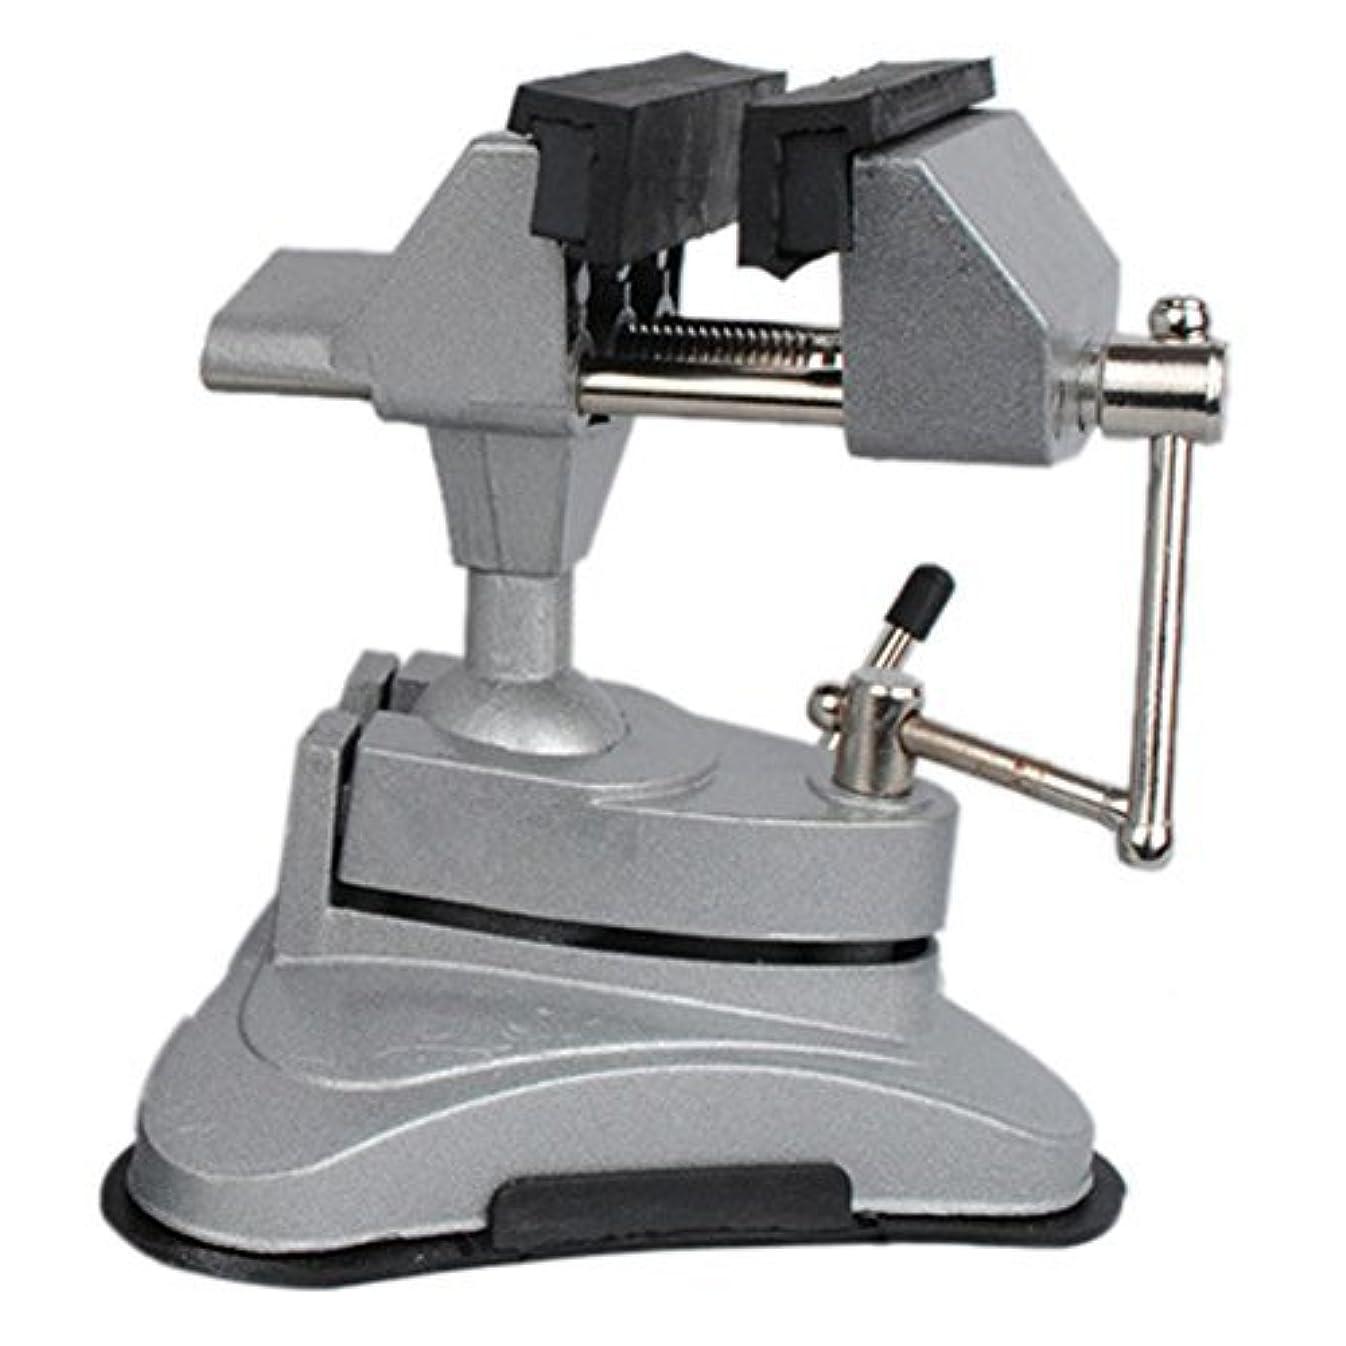 寄付する怠なこれらNUZAMAS Multi Angle Swivel Head Table Top Vice Clamp With Suction Base [並行輸入品]